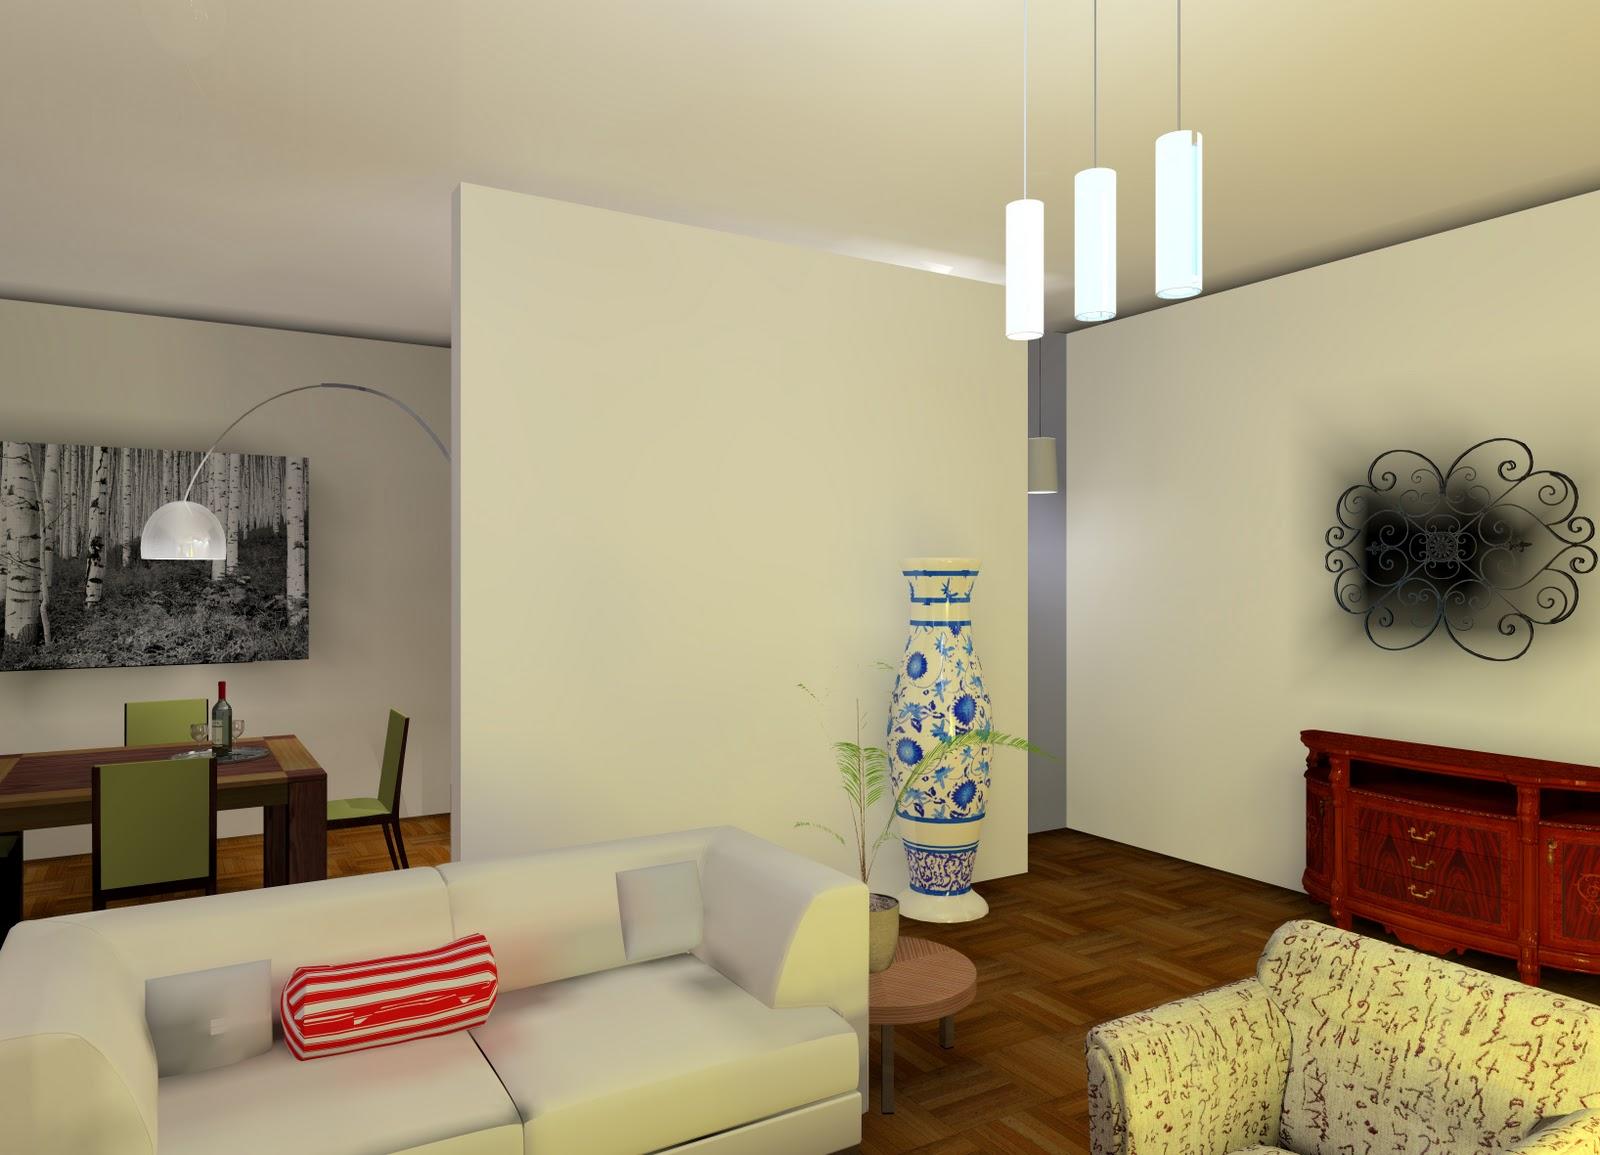 Architettare ovvero progettare casa online low cost una for Crea cucina online